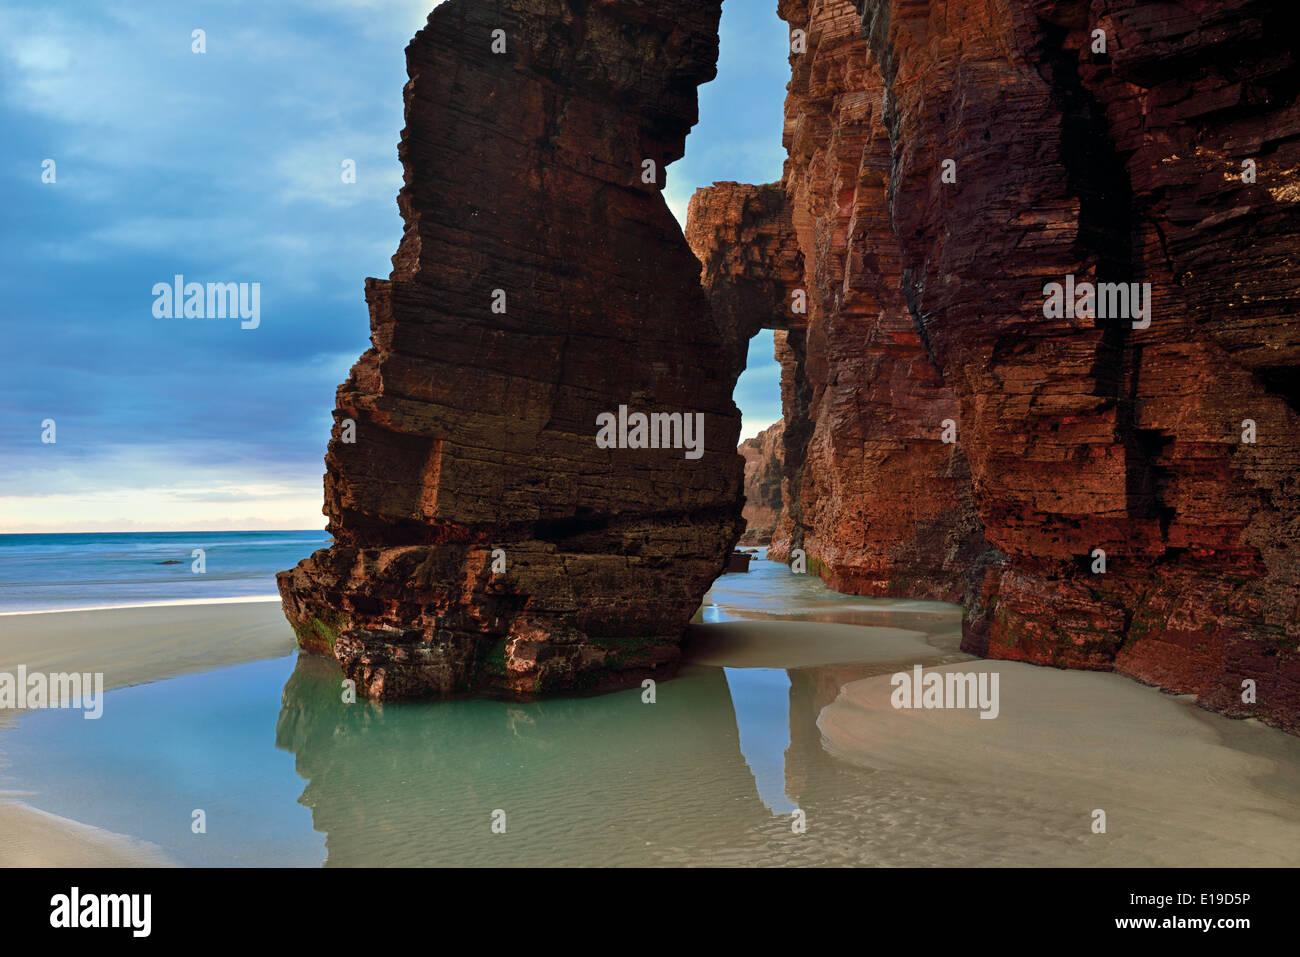 spain-galicia-schist-arcades-at-beach-as